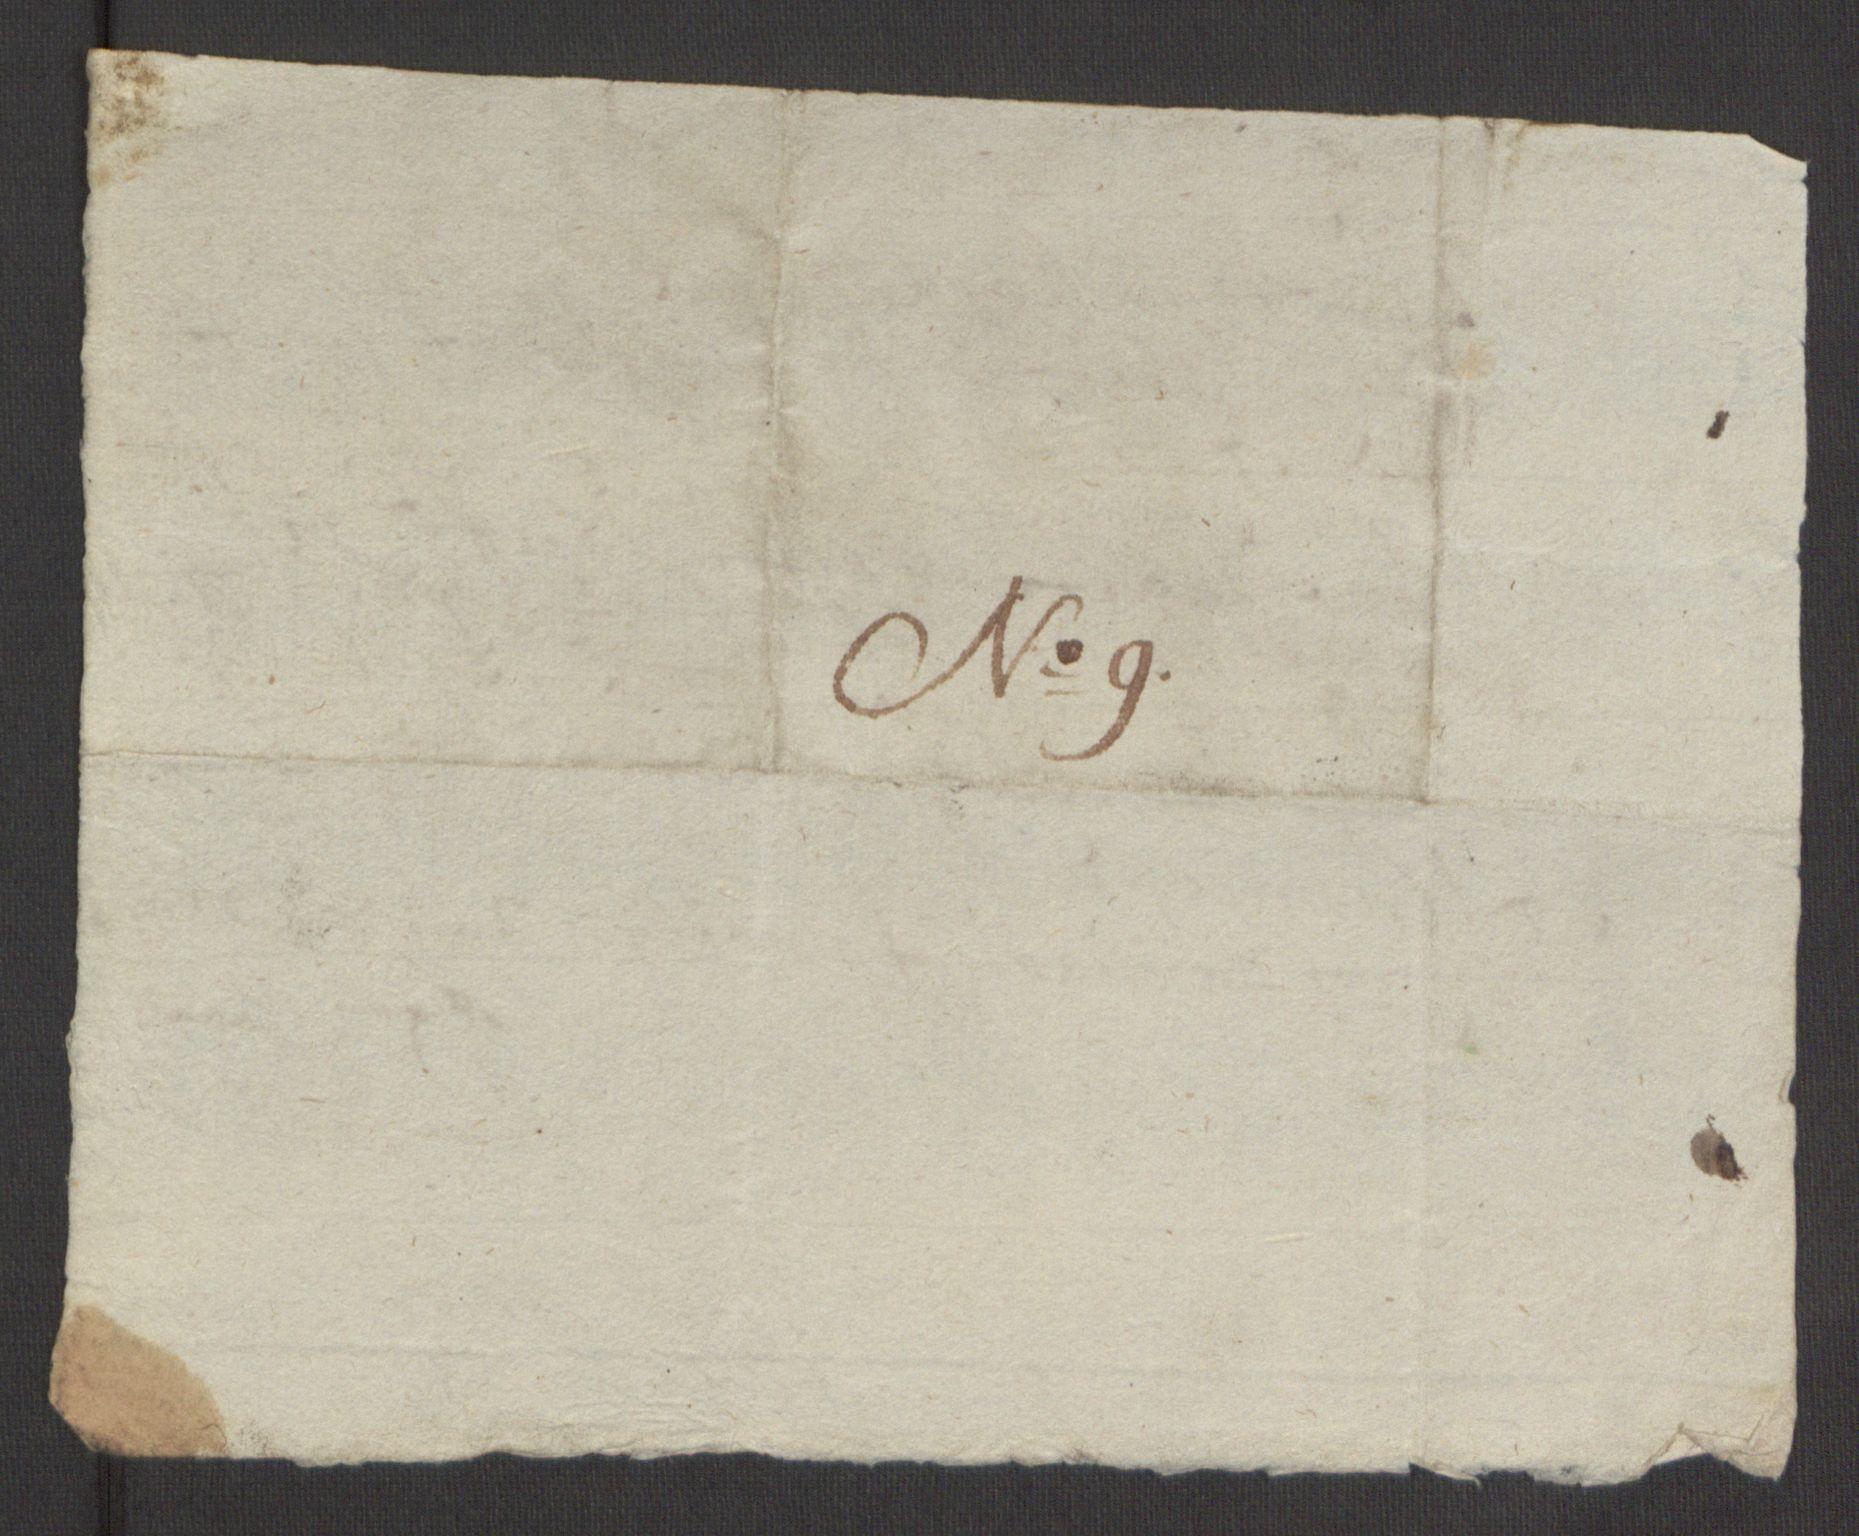 RA, Rentekammeret inntil 1814, Reviderte regnskaper, Fogderegnskap, R64/L4424: Fogderegnskap Namdal, 1692-1695, s. 413